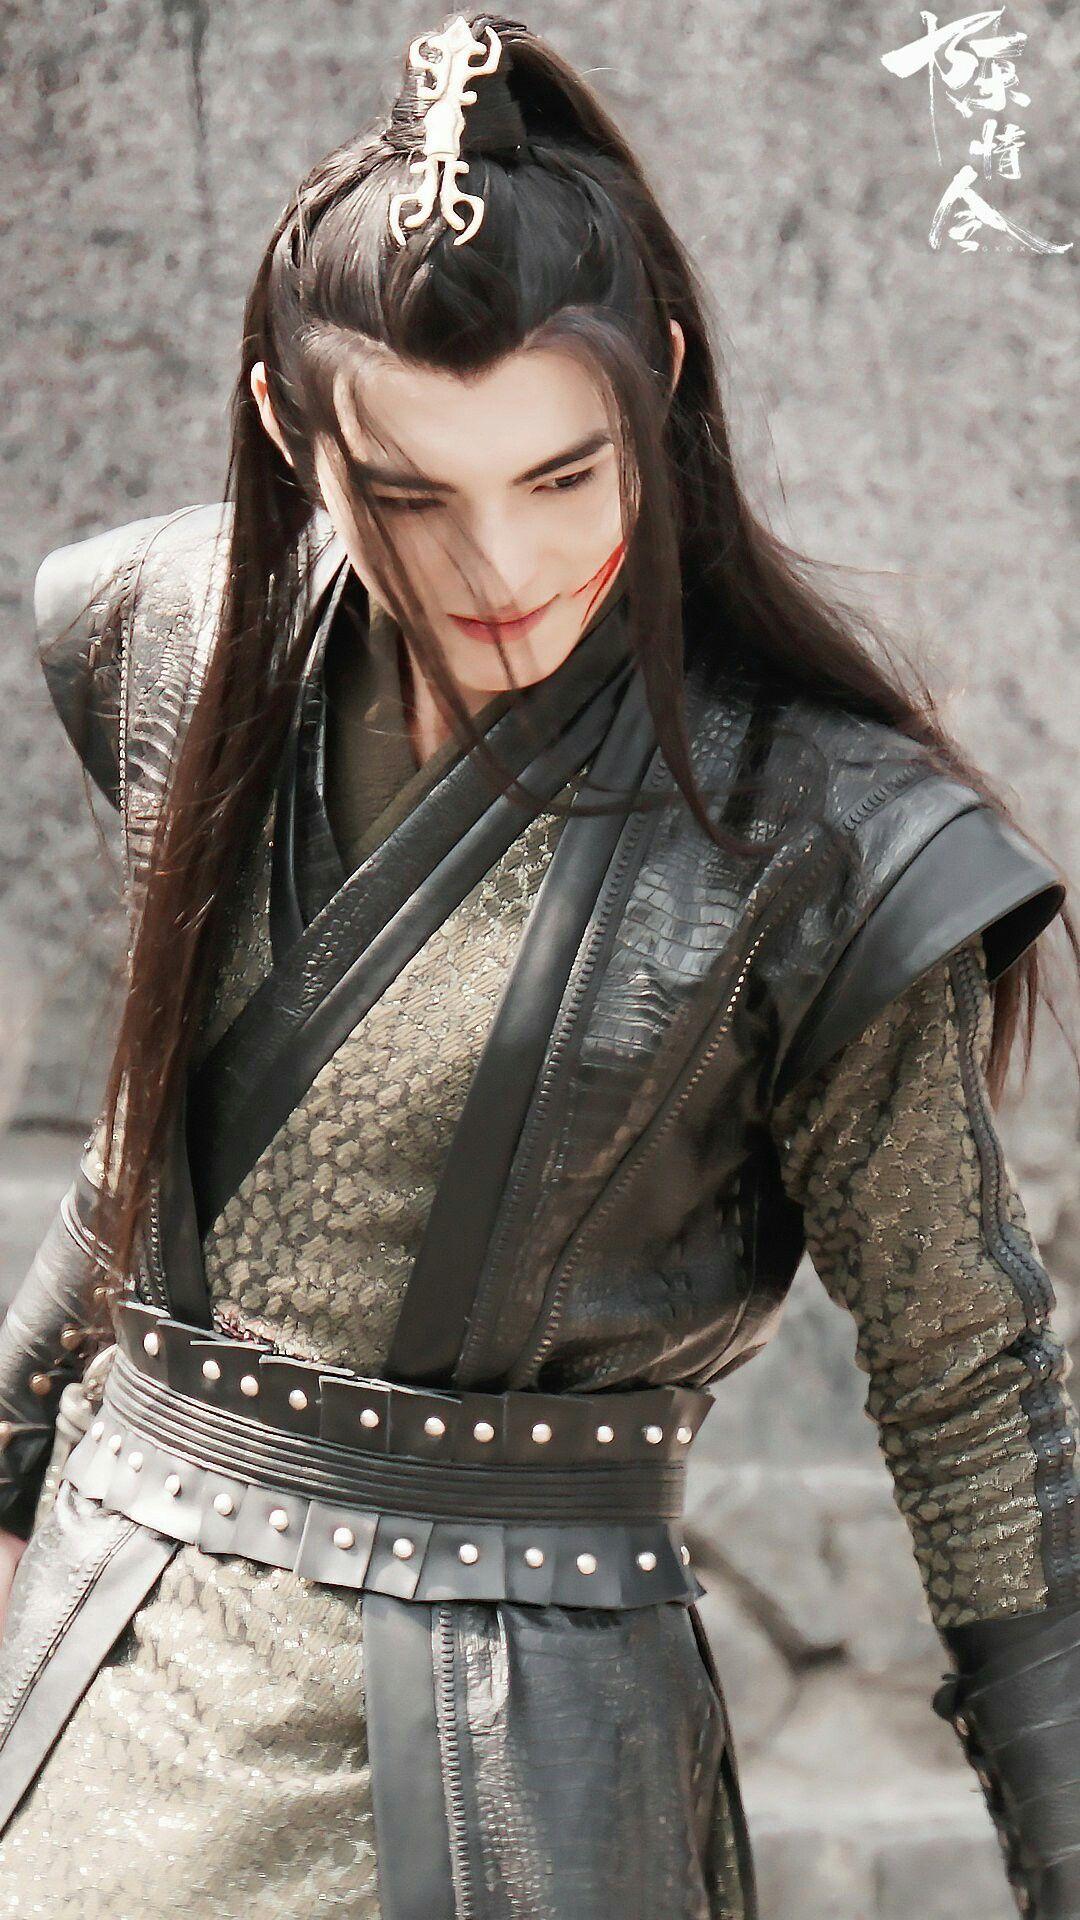 Xue yang Hình ảnh, Diễn viên, Cosplay